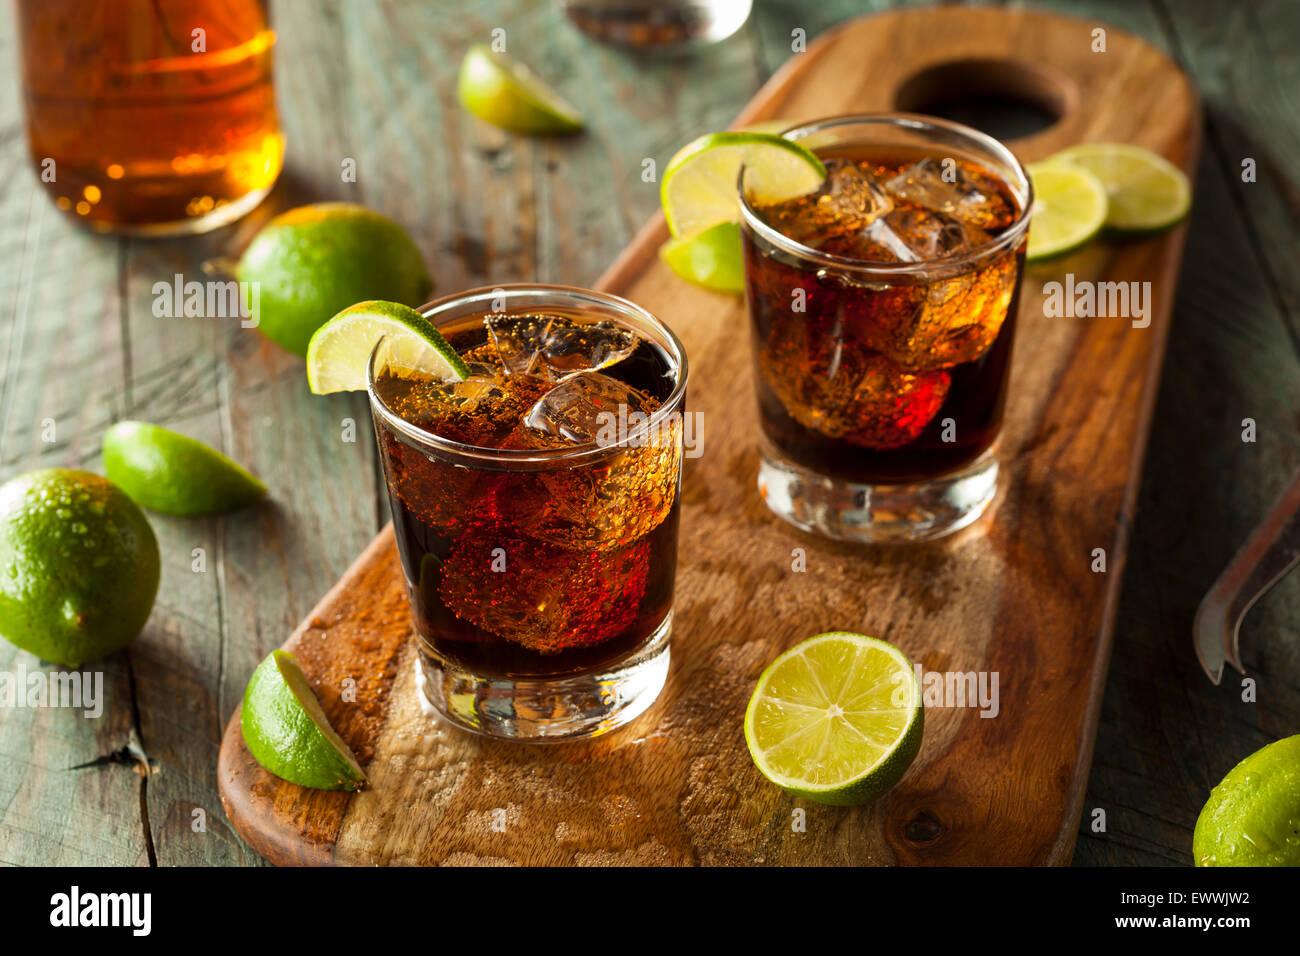 Rum und Cola Cuba Libre mit Limette und Eis Stockbild